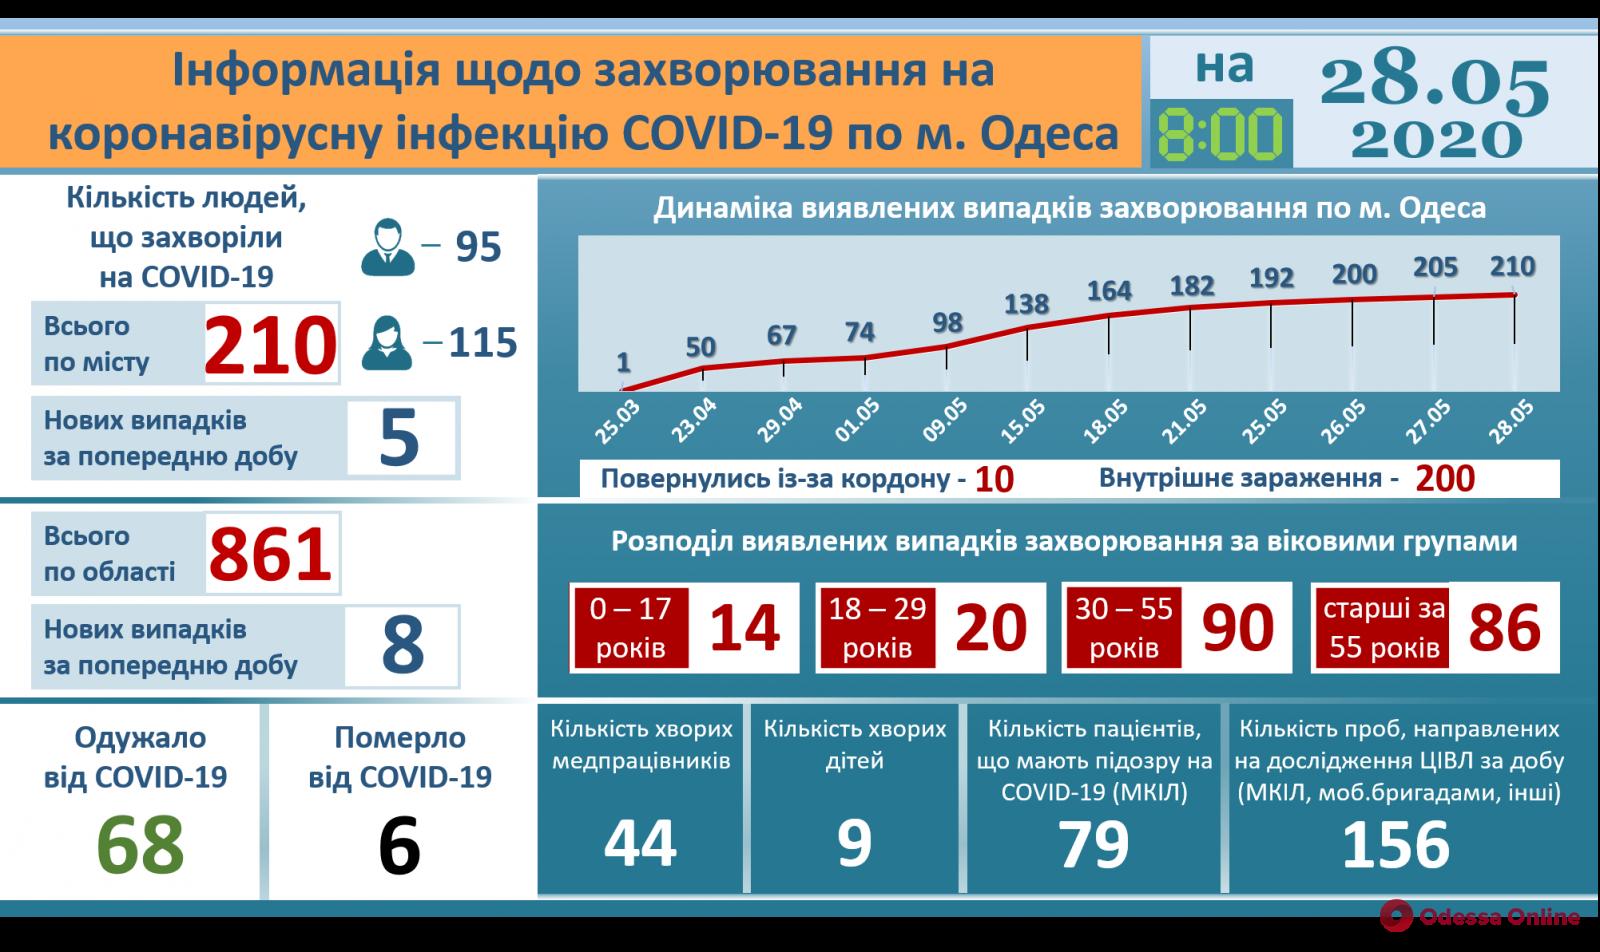 Одесса: от коронавируса выздоровели уже 68 человек